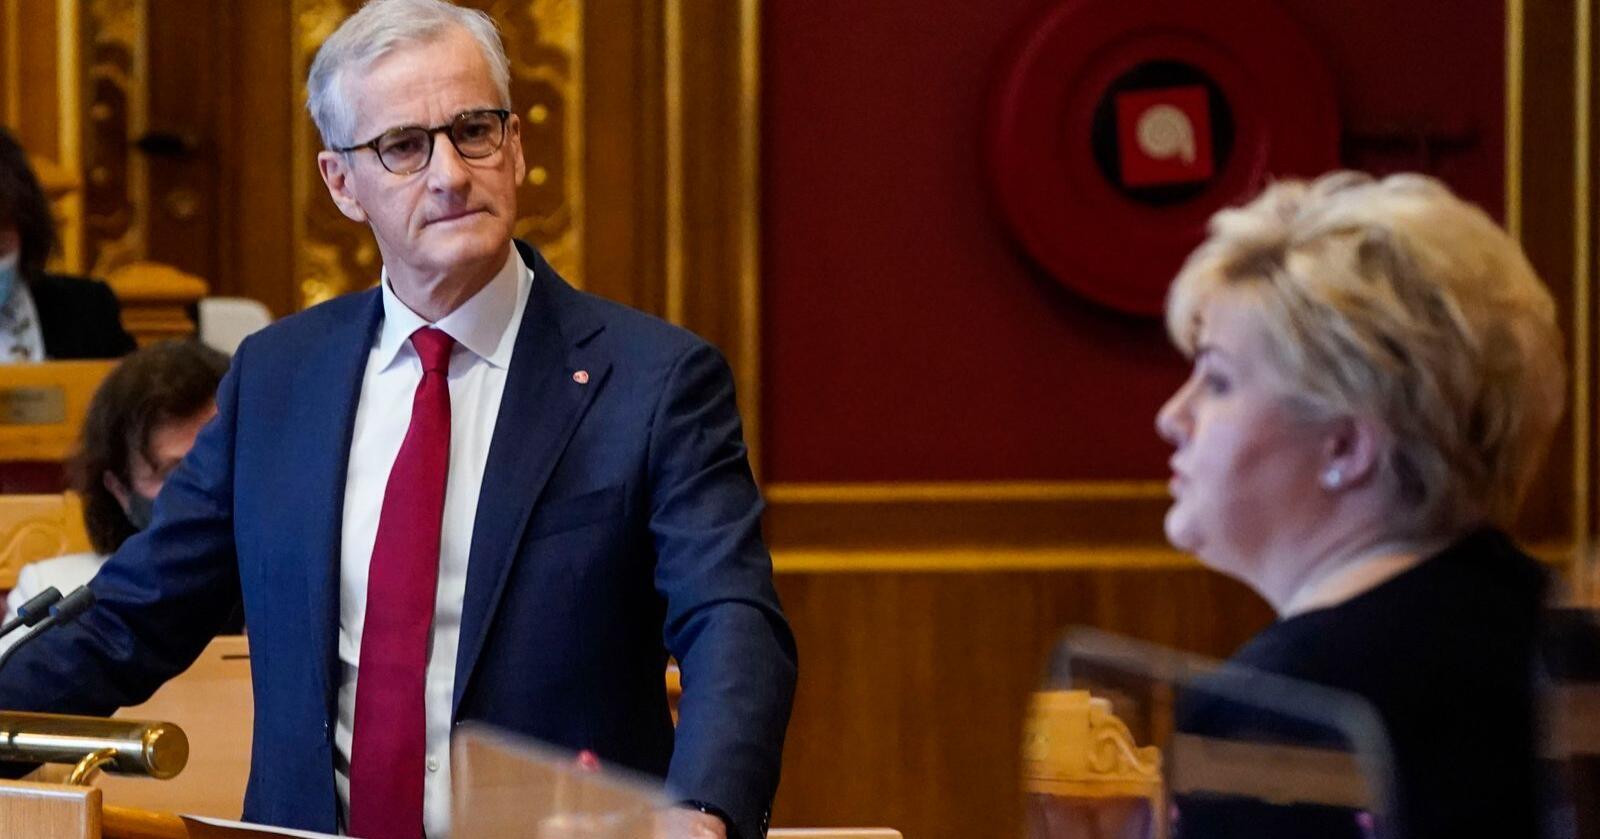 Partiene til statsminister Erna Solberg og Ap-leder Jonas Gahr Støre har begge stor tilbakegang på månedens VG-meningsmåling. Foto: Lise Åserud / NTB